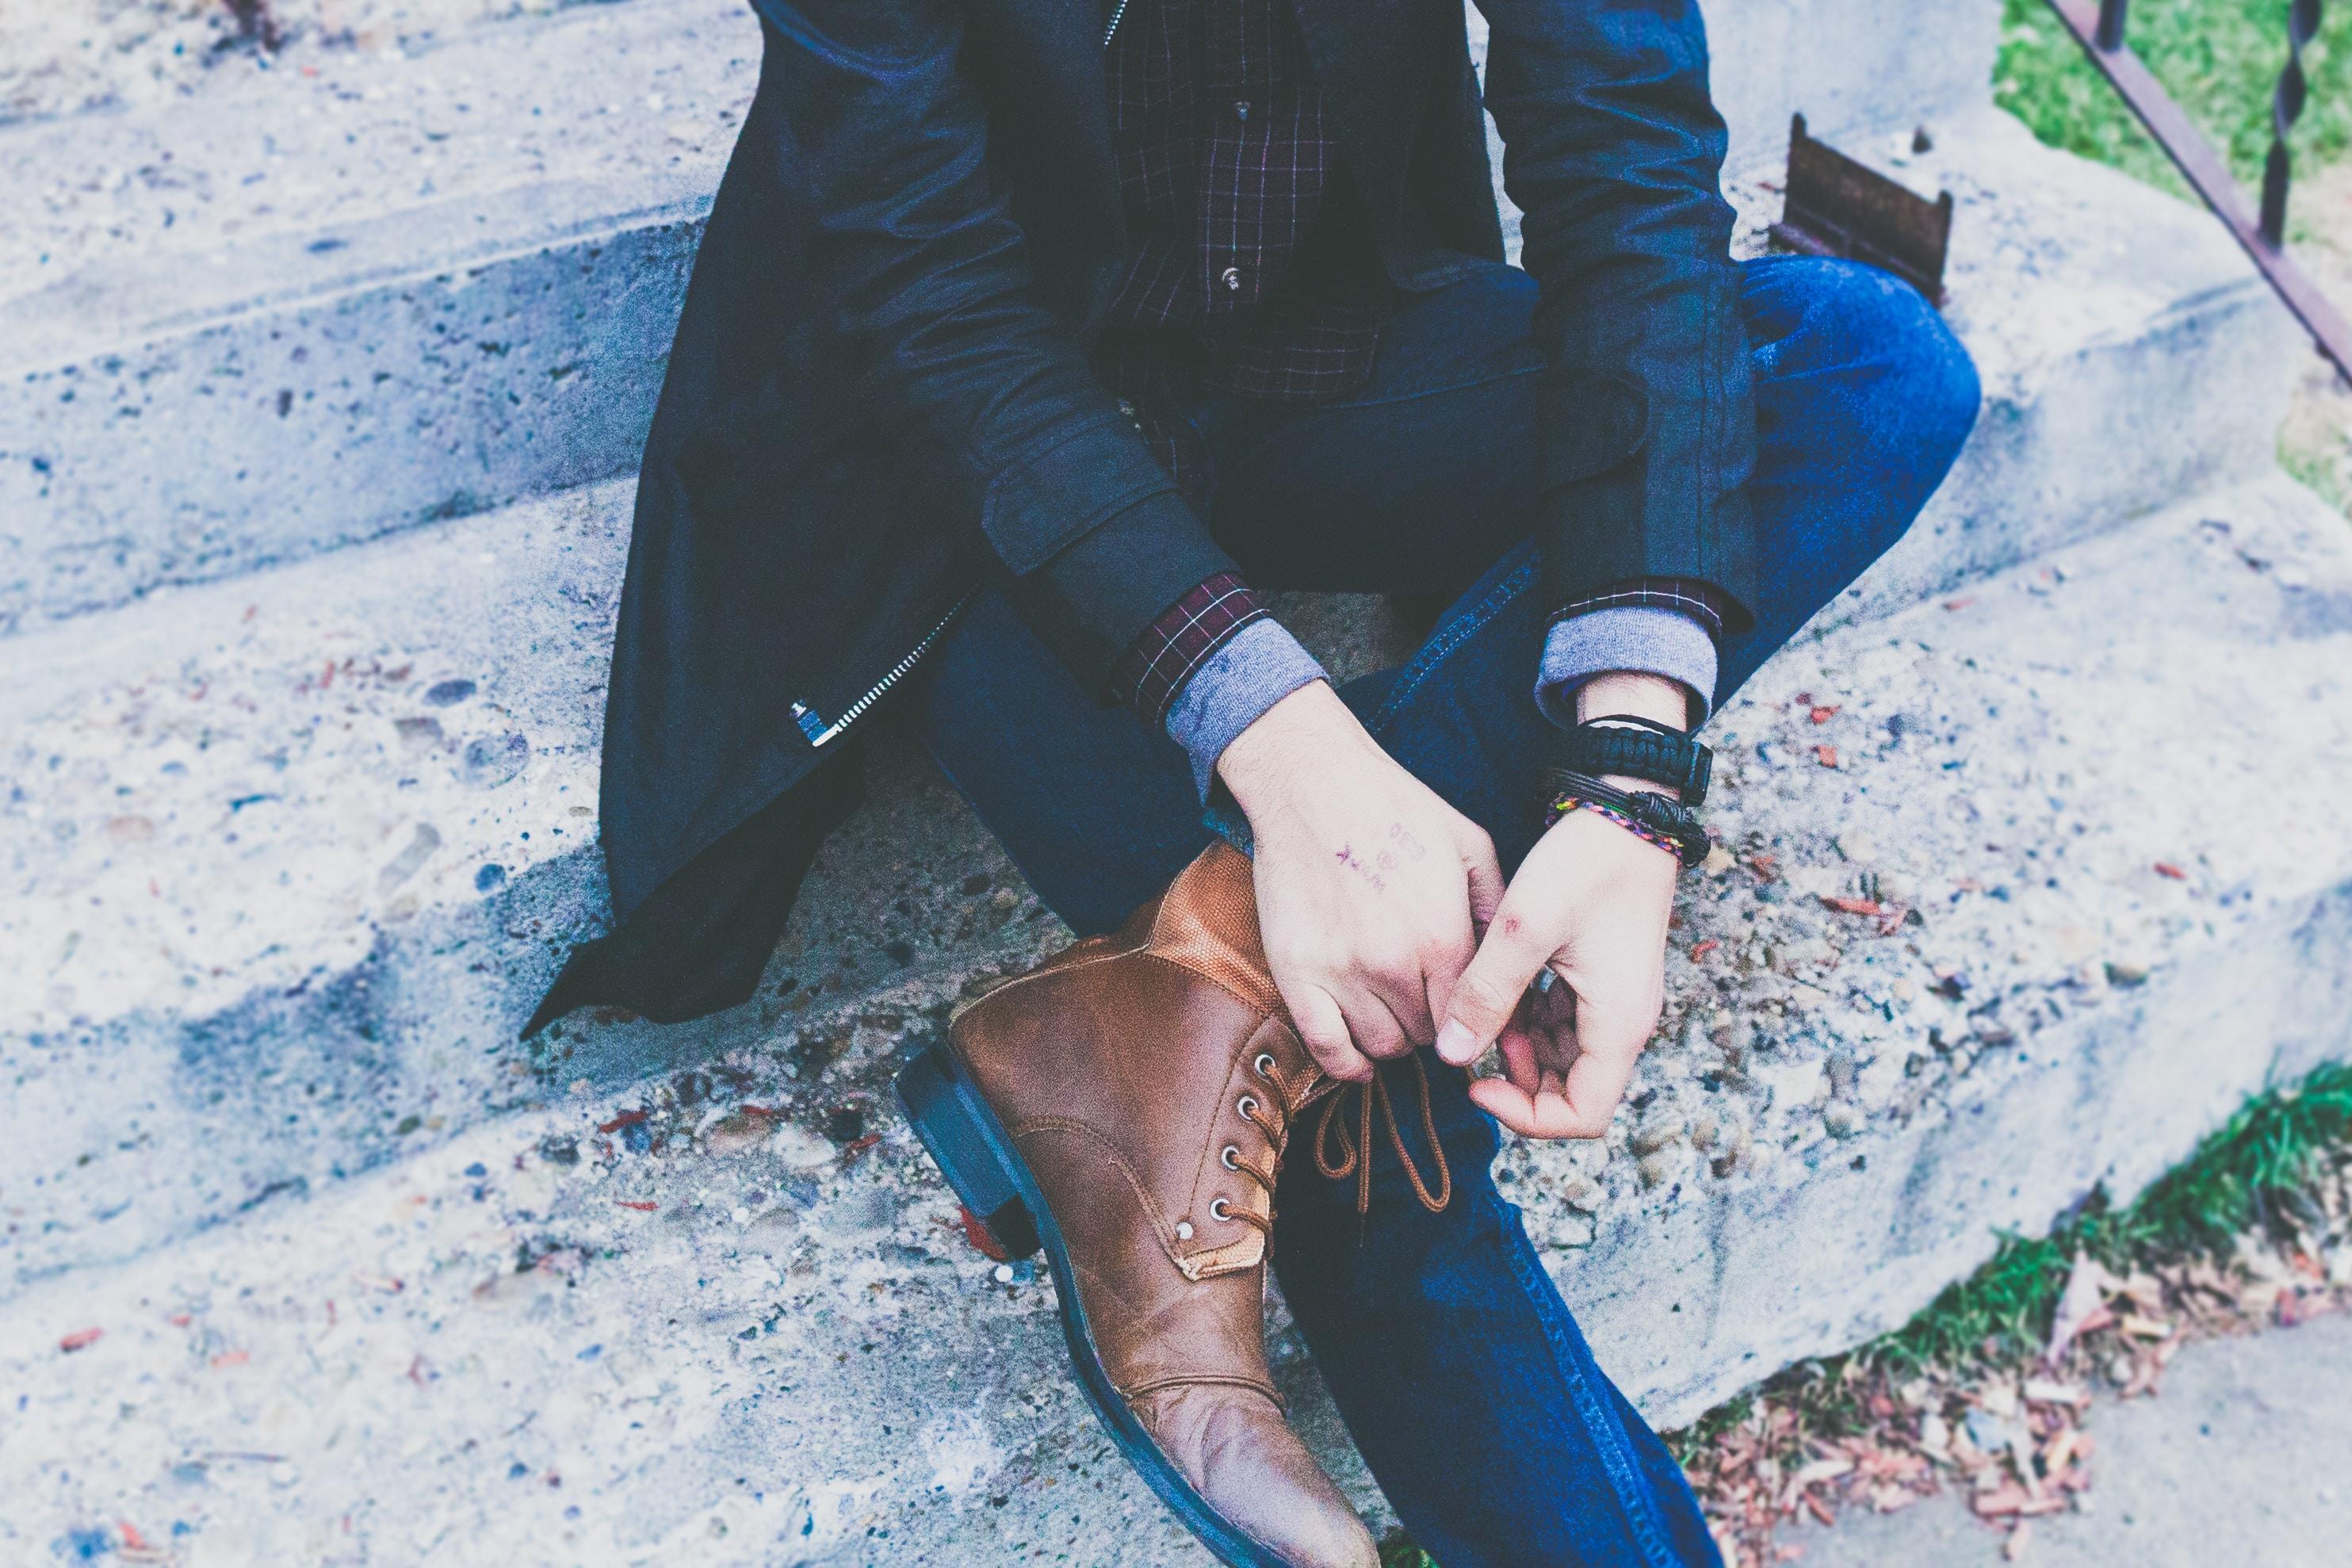 飽きっぽい人に向いてる仕事15選【好きなことで才能を活かす】